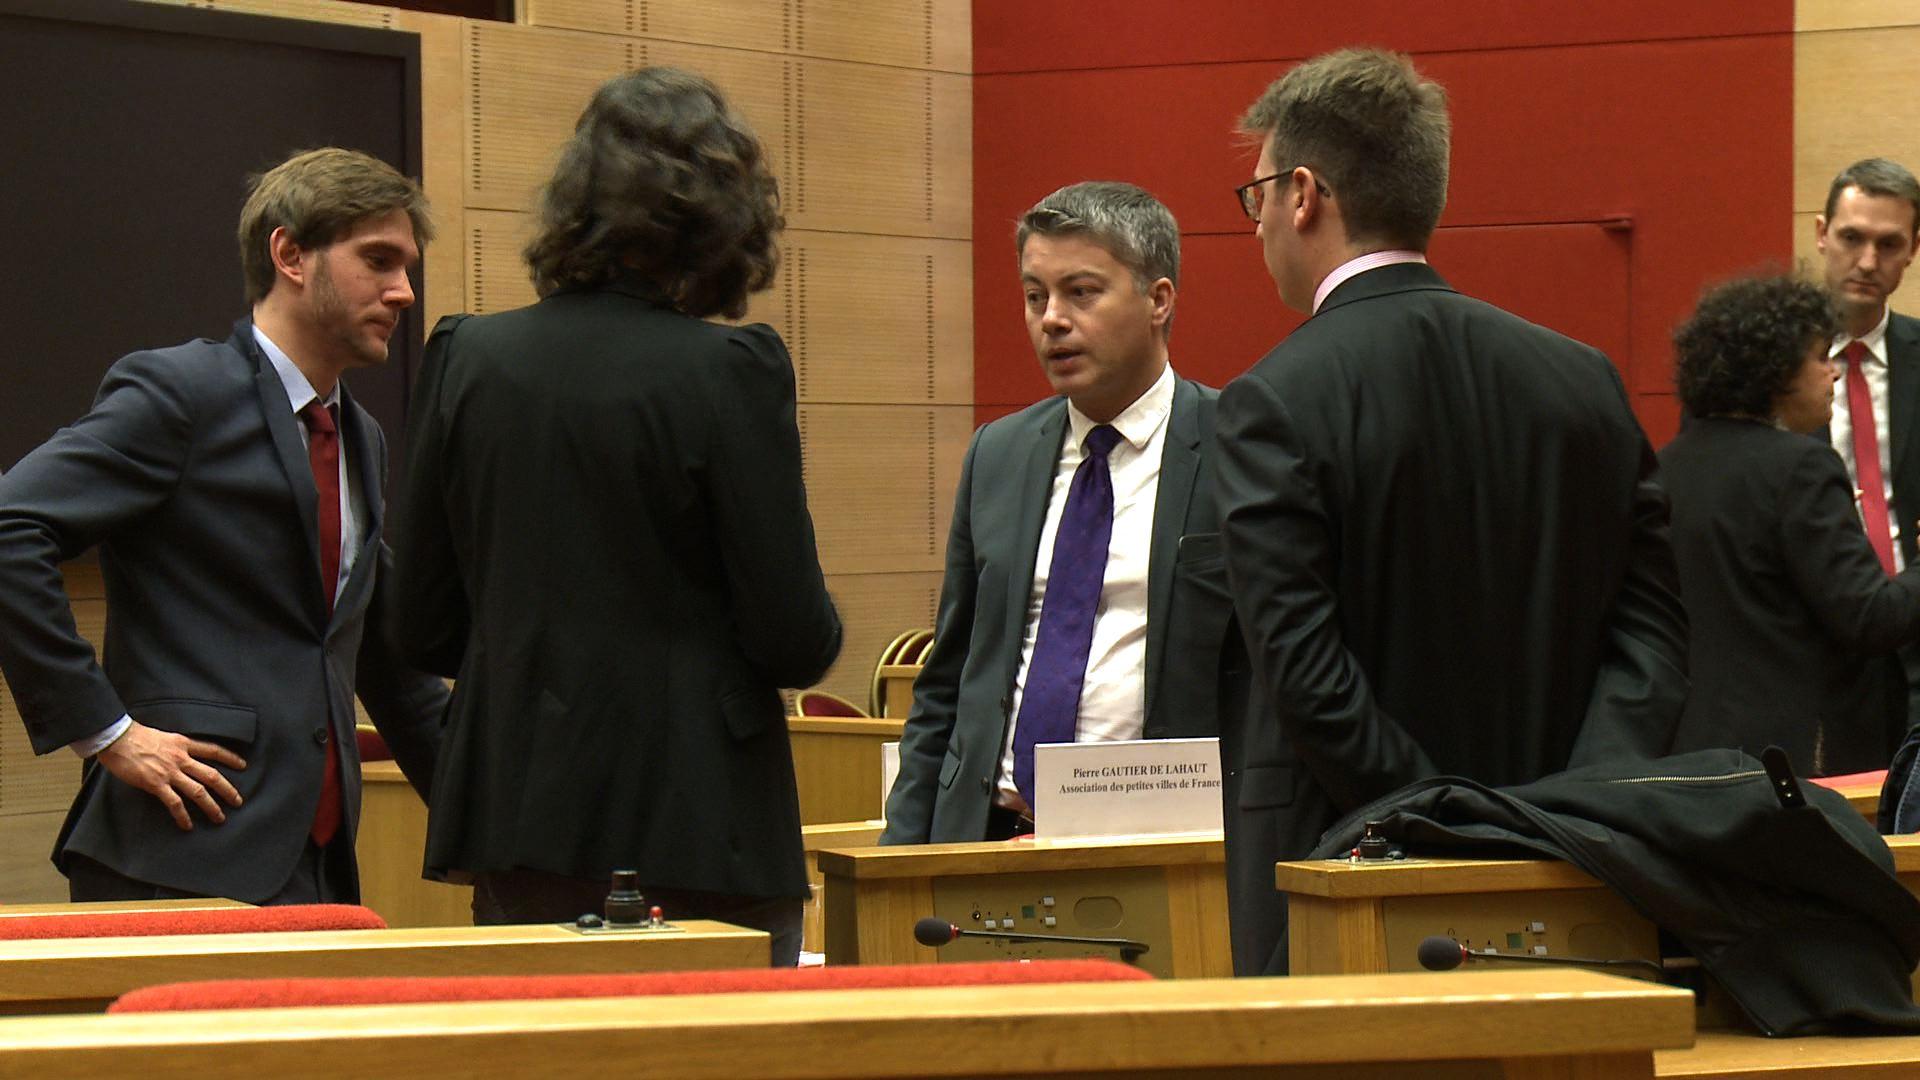 Les maires demandent une plus grande coopération avec l'Etat